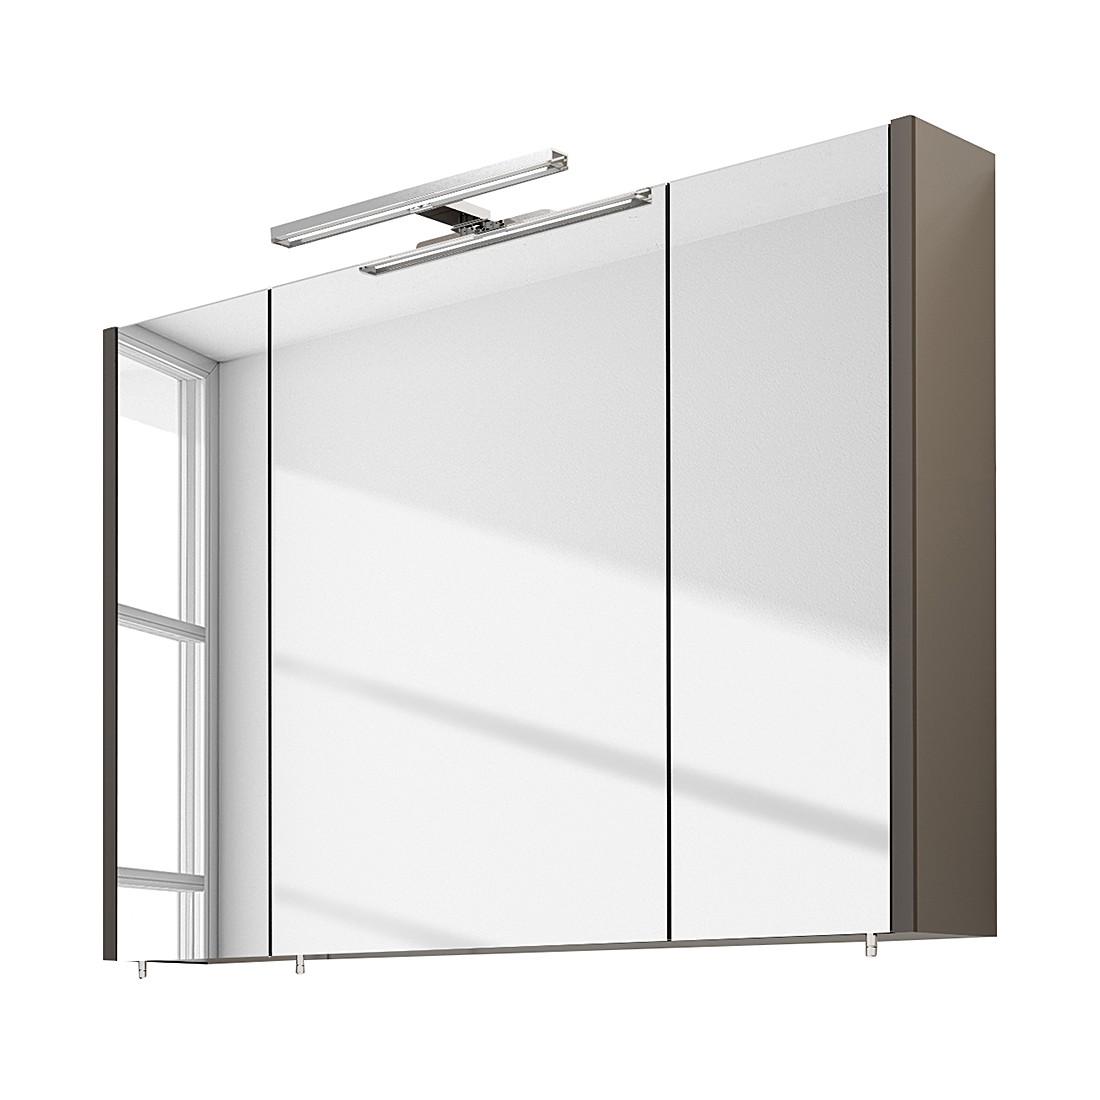 Spiegelschrank Rondino – Anthrazit, 80 cm, Aqua Suite günstig kaufen